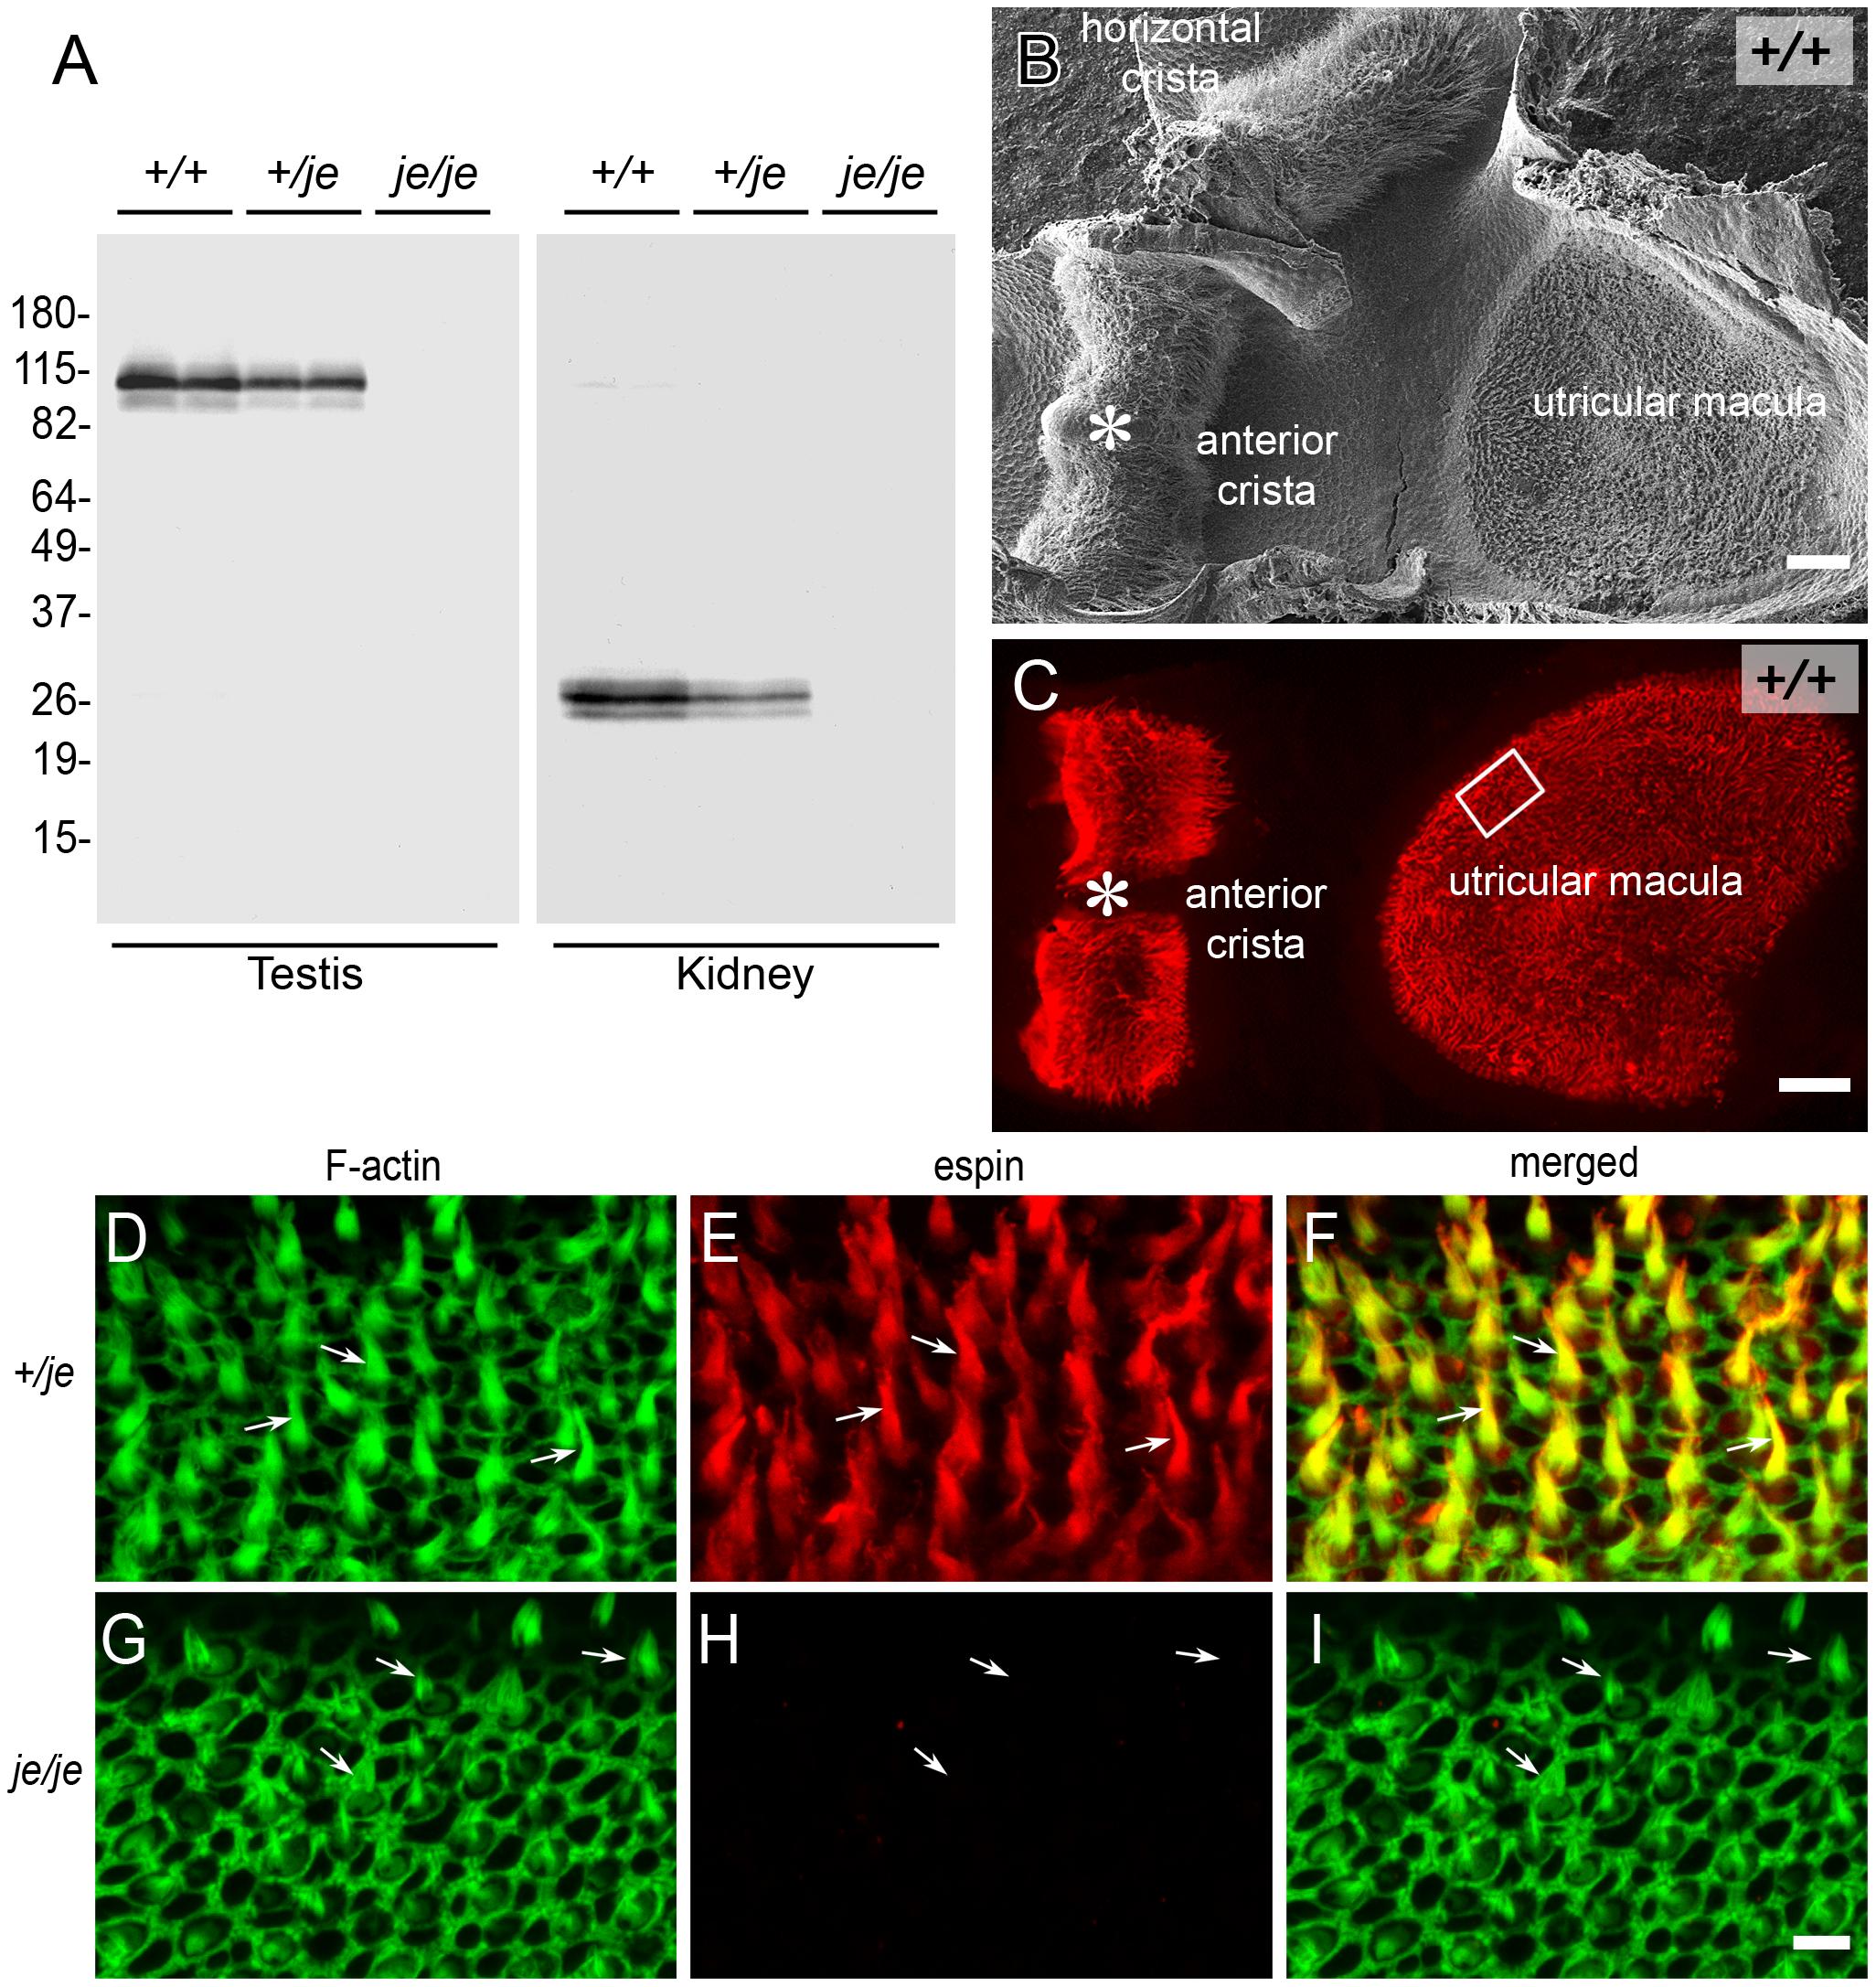 <i>je/je</i> mice lack espin proteins.